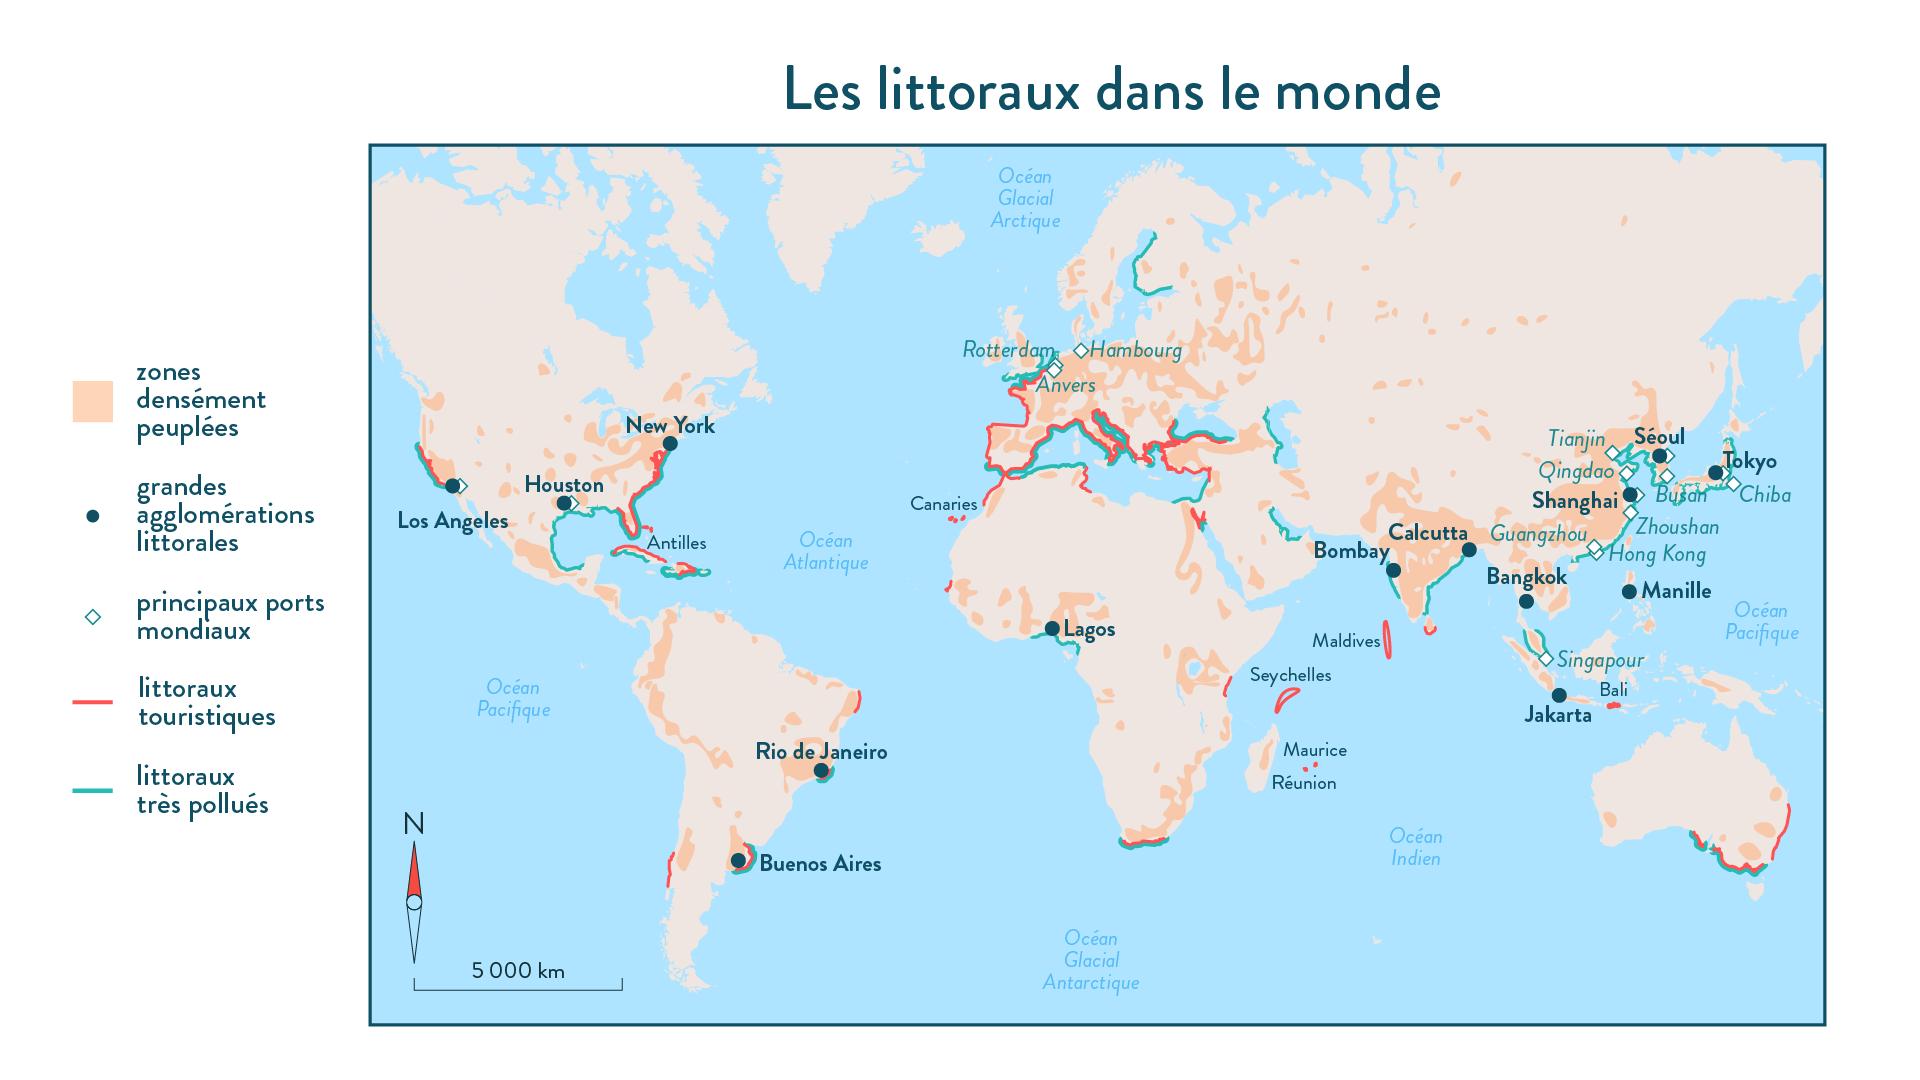 6e-géographie-SchoolMouv - Les littoraux dans le monde